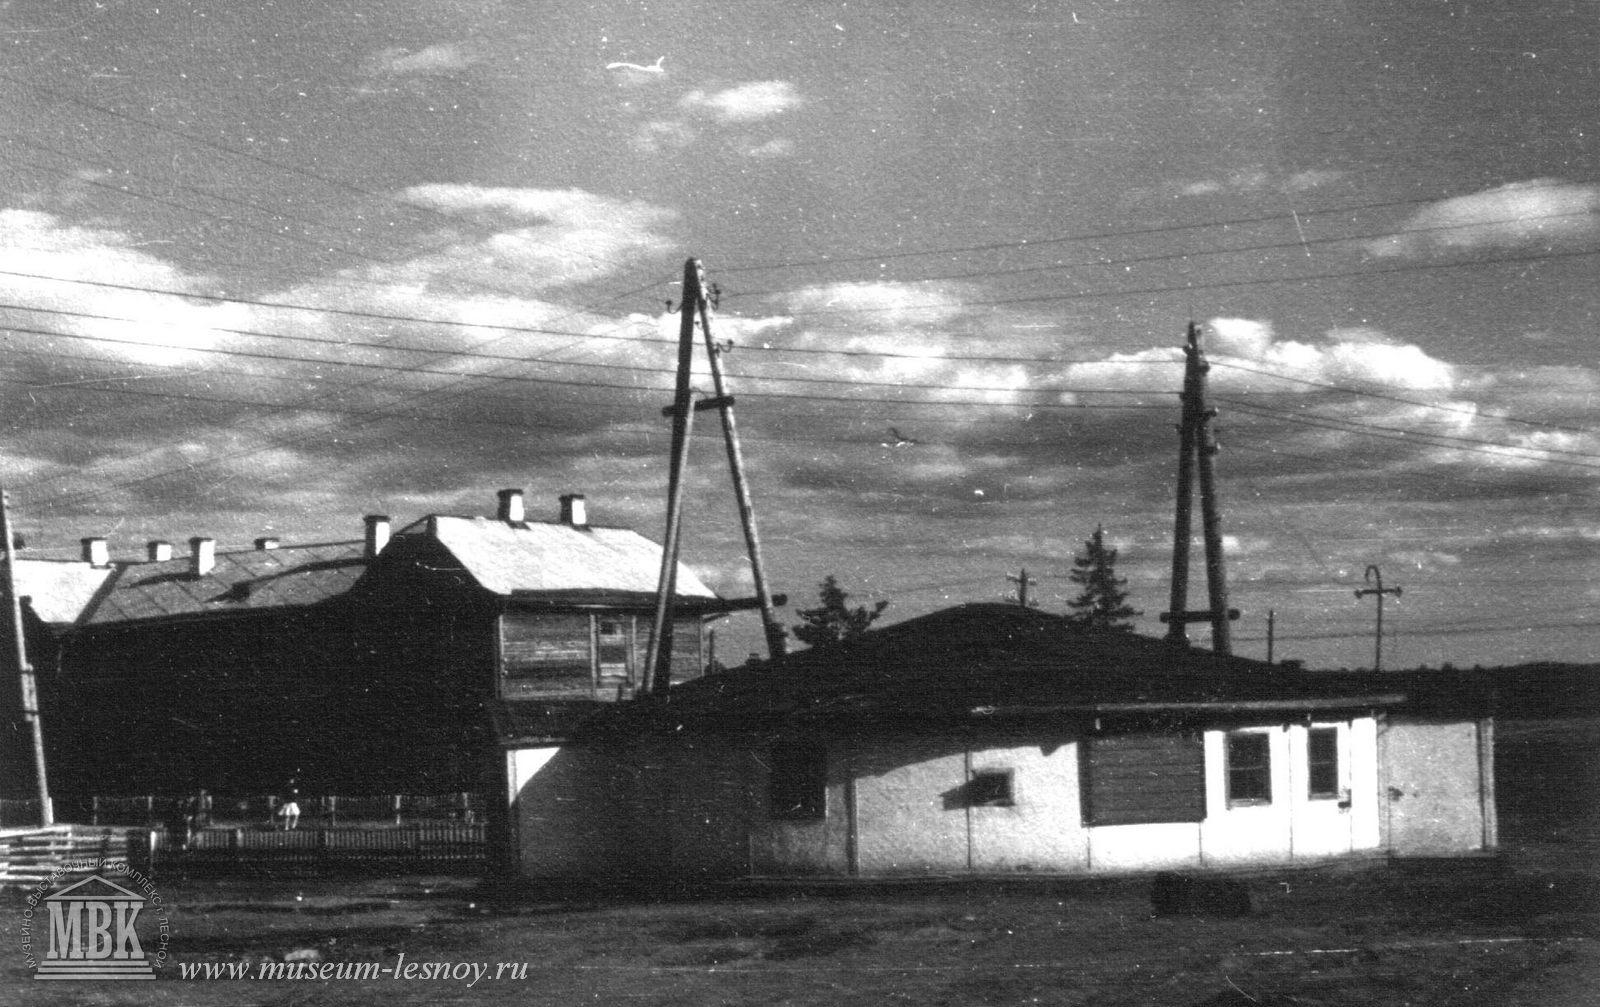 Первое жилище строителей - юрта 1947 г.